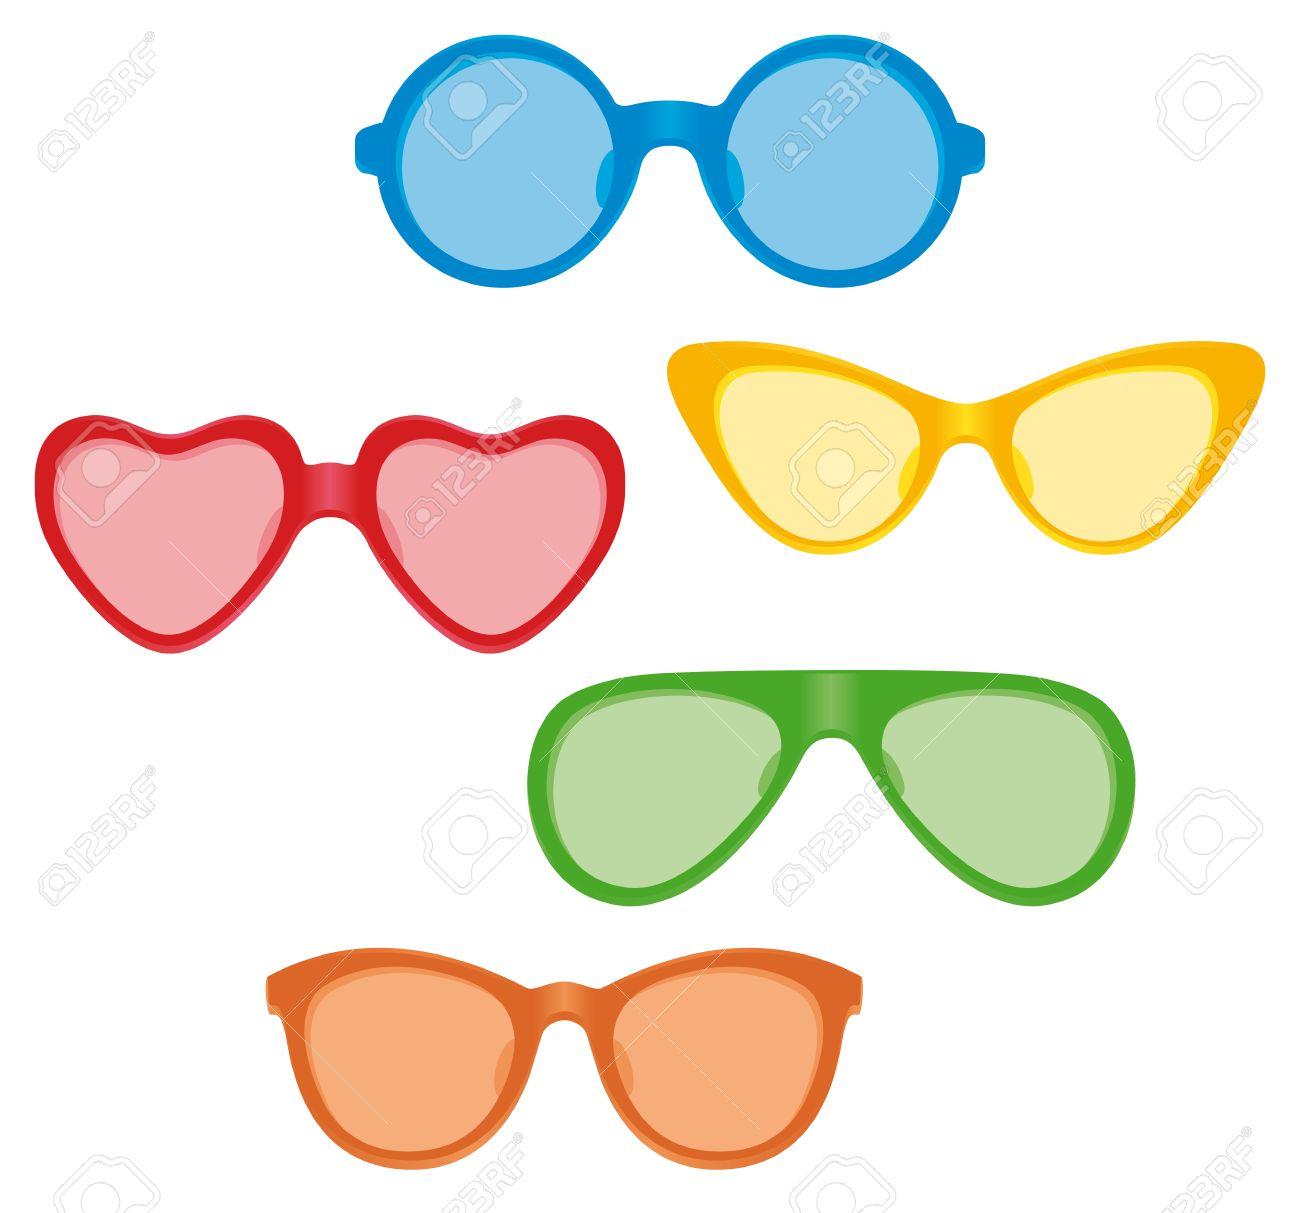 Una Selección De Gafas De Sol Con Lentes De Color En Diversas Formas ...